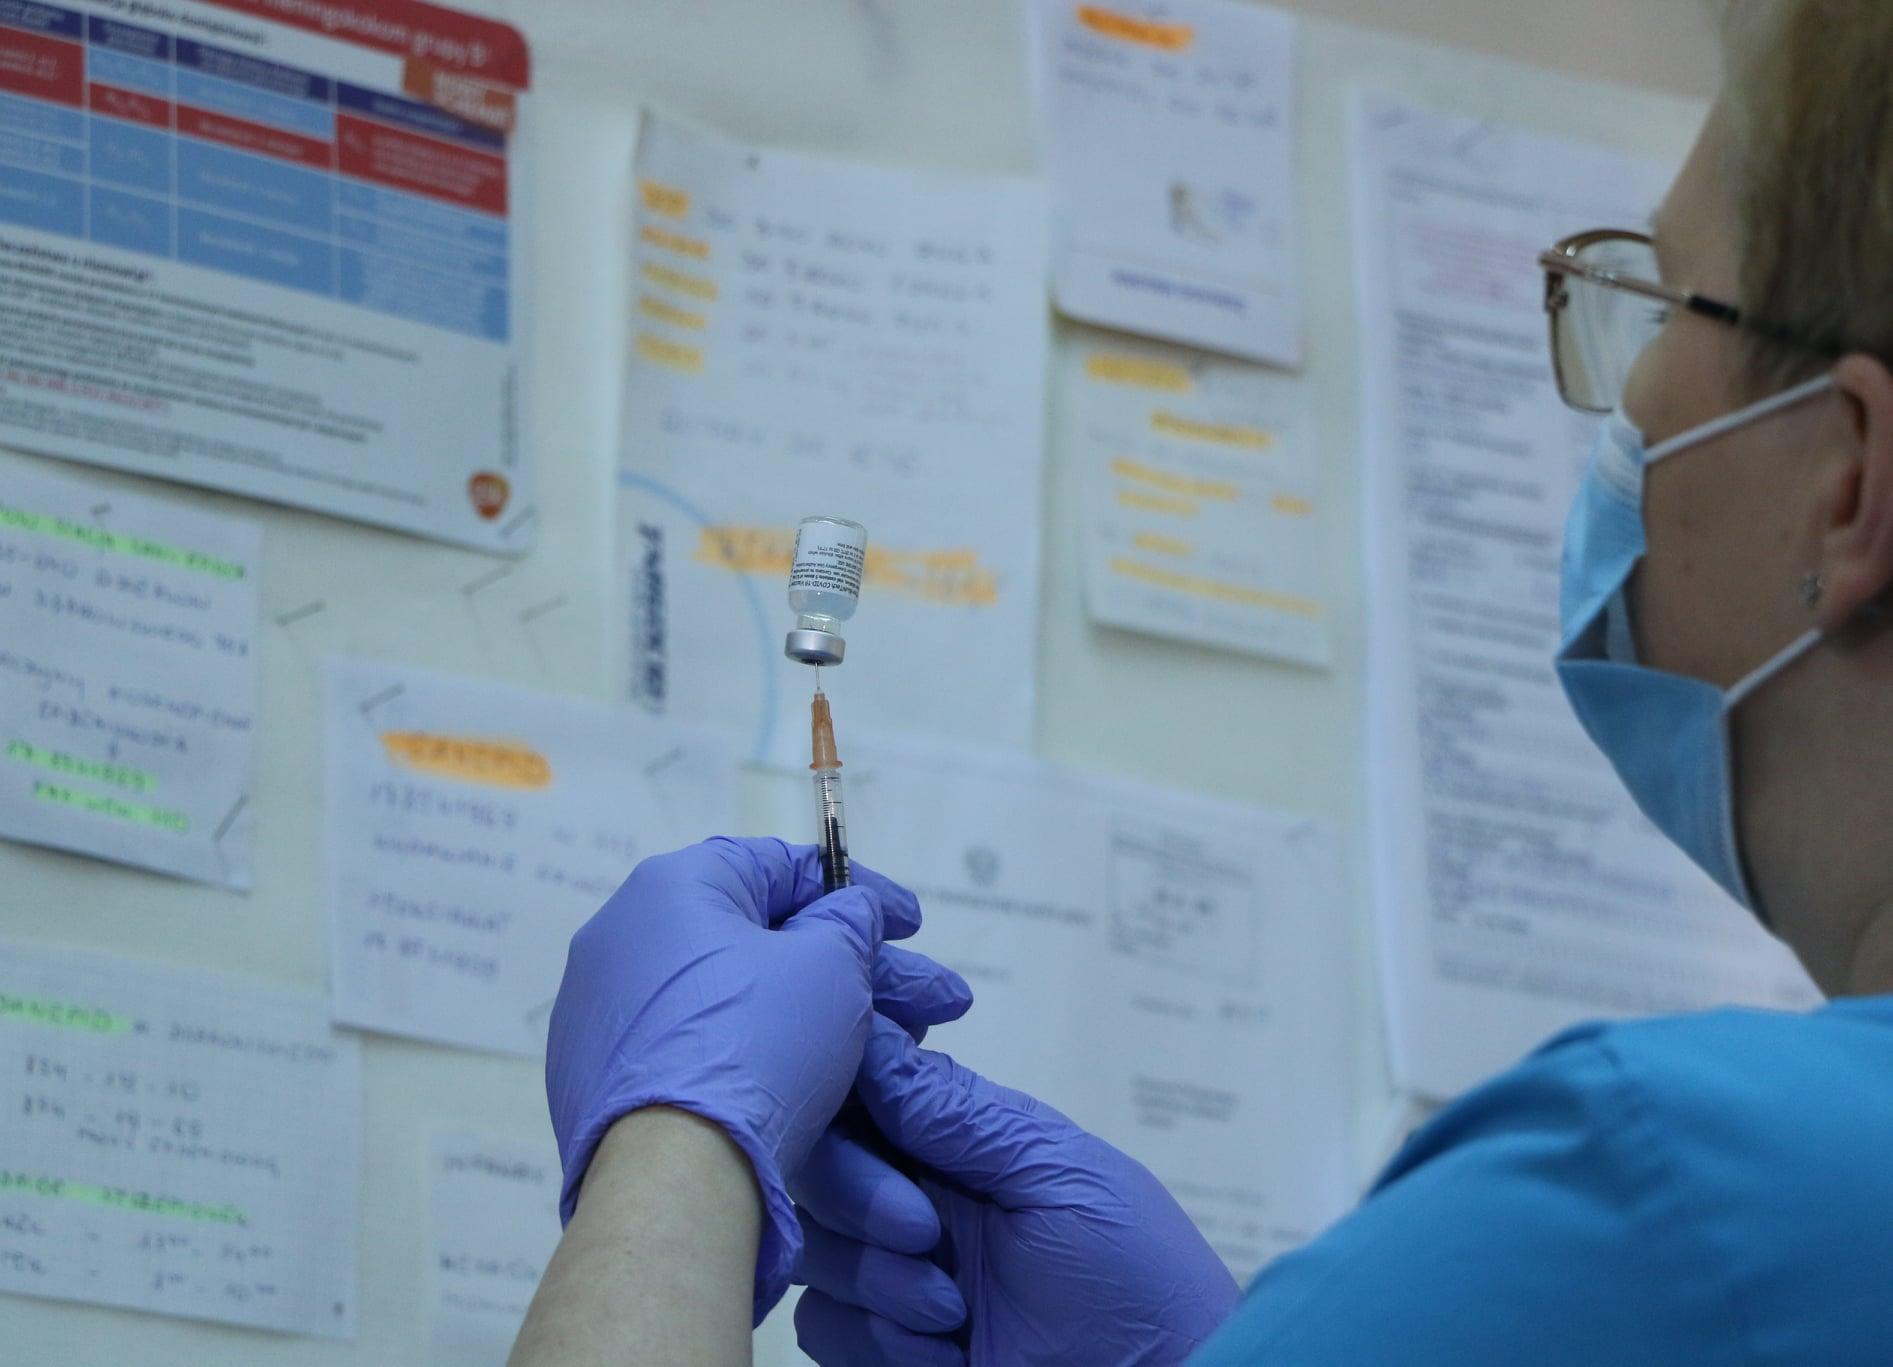 Afera szczepionkowa: wyleciał z PiS, bo pochwalił się szczepieniem przeciw COVID-19! - Zdjęcie główne